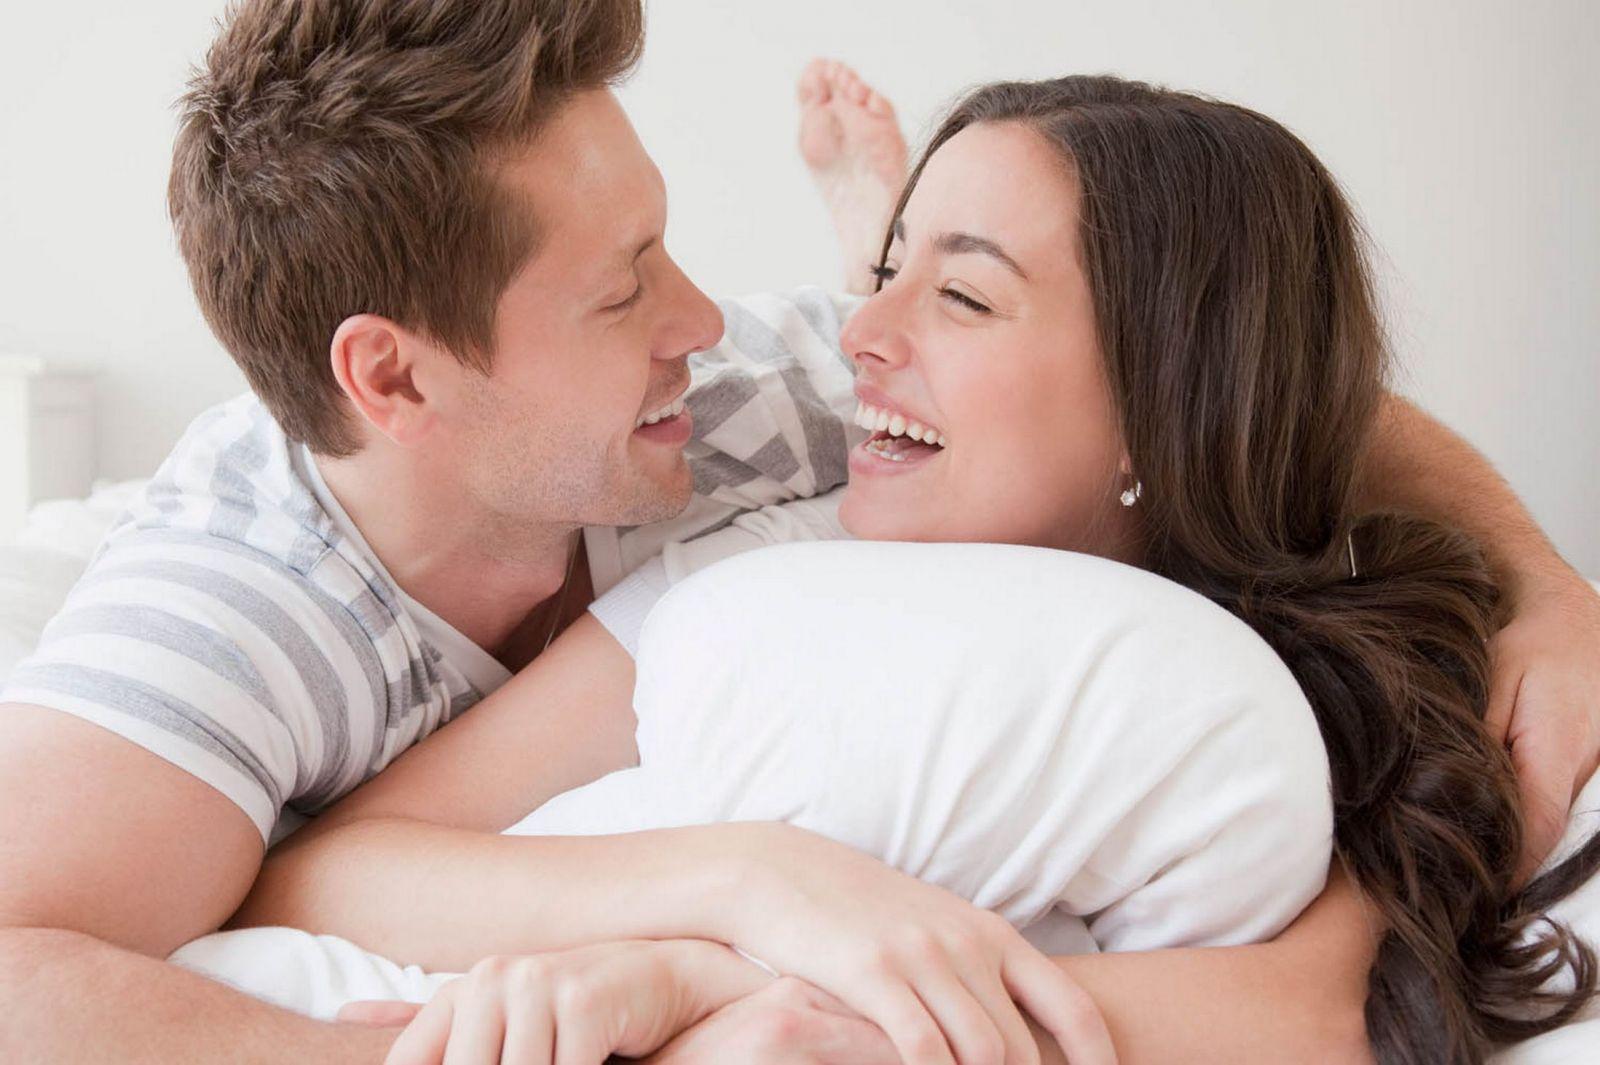 3 điều bạn nên làm ngay từ hôm nay nếu muốn hôn nhân hạnh phúc như ý - Ảnh 1